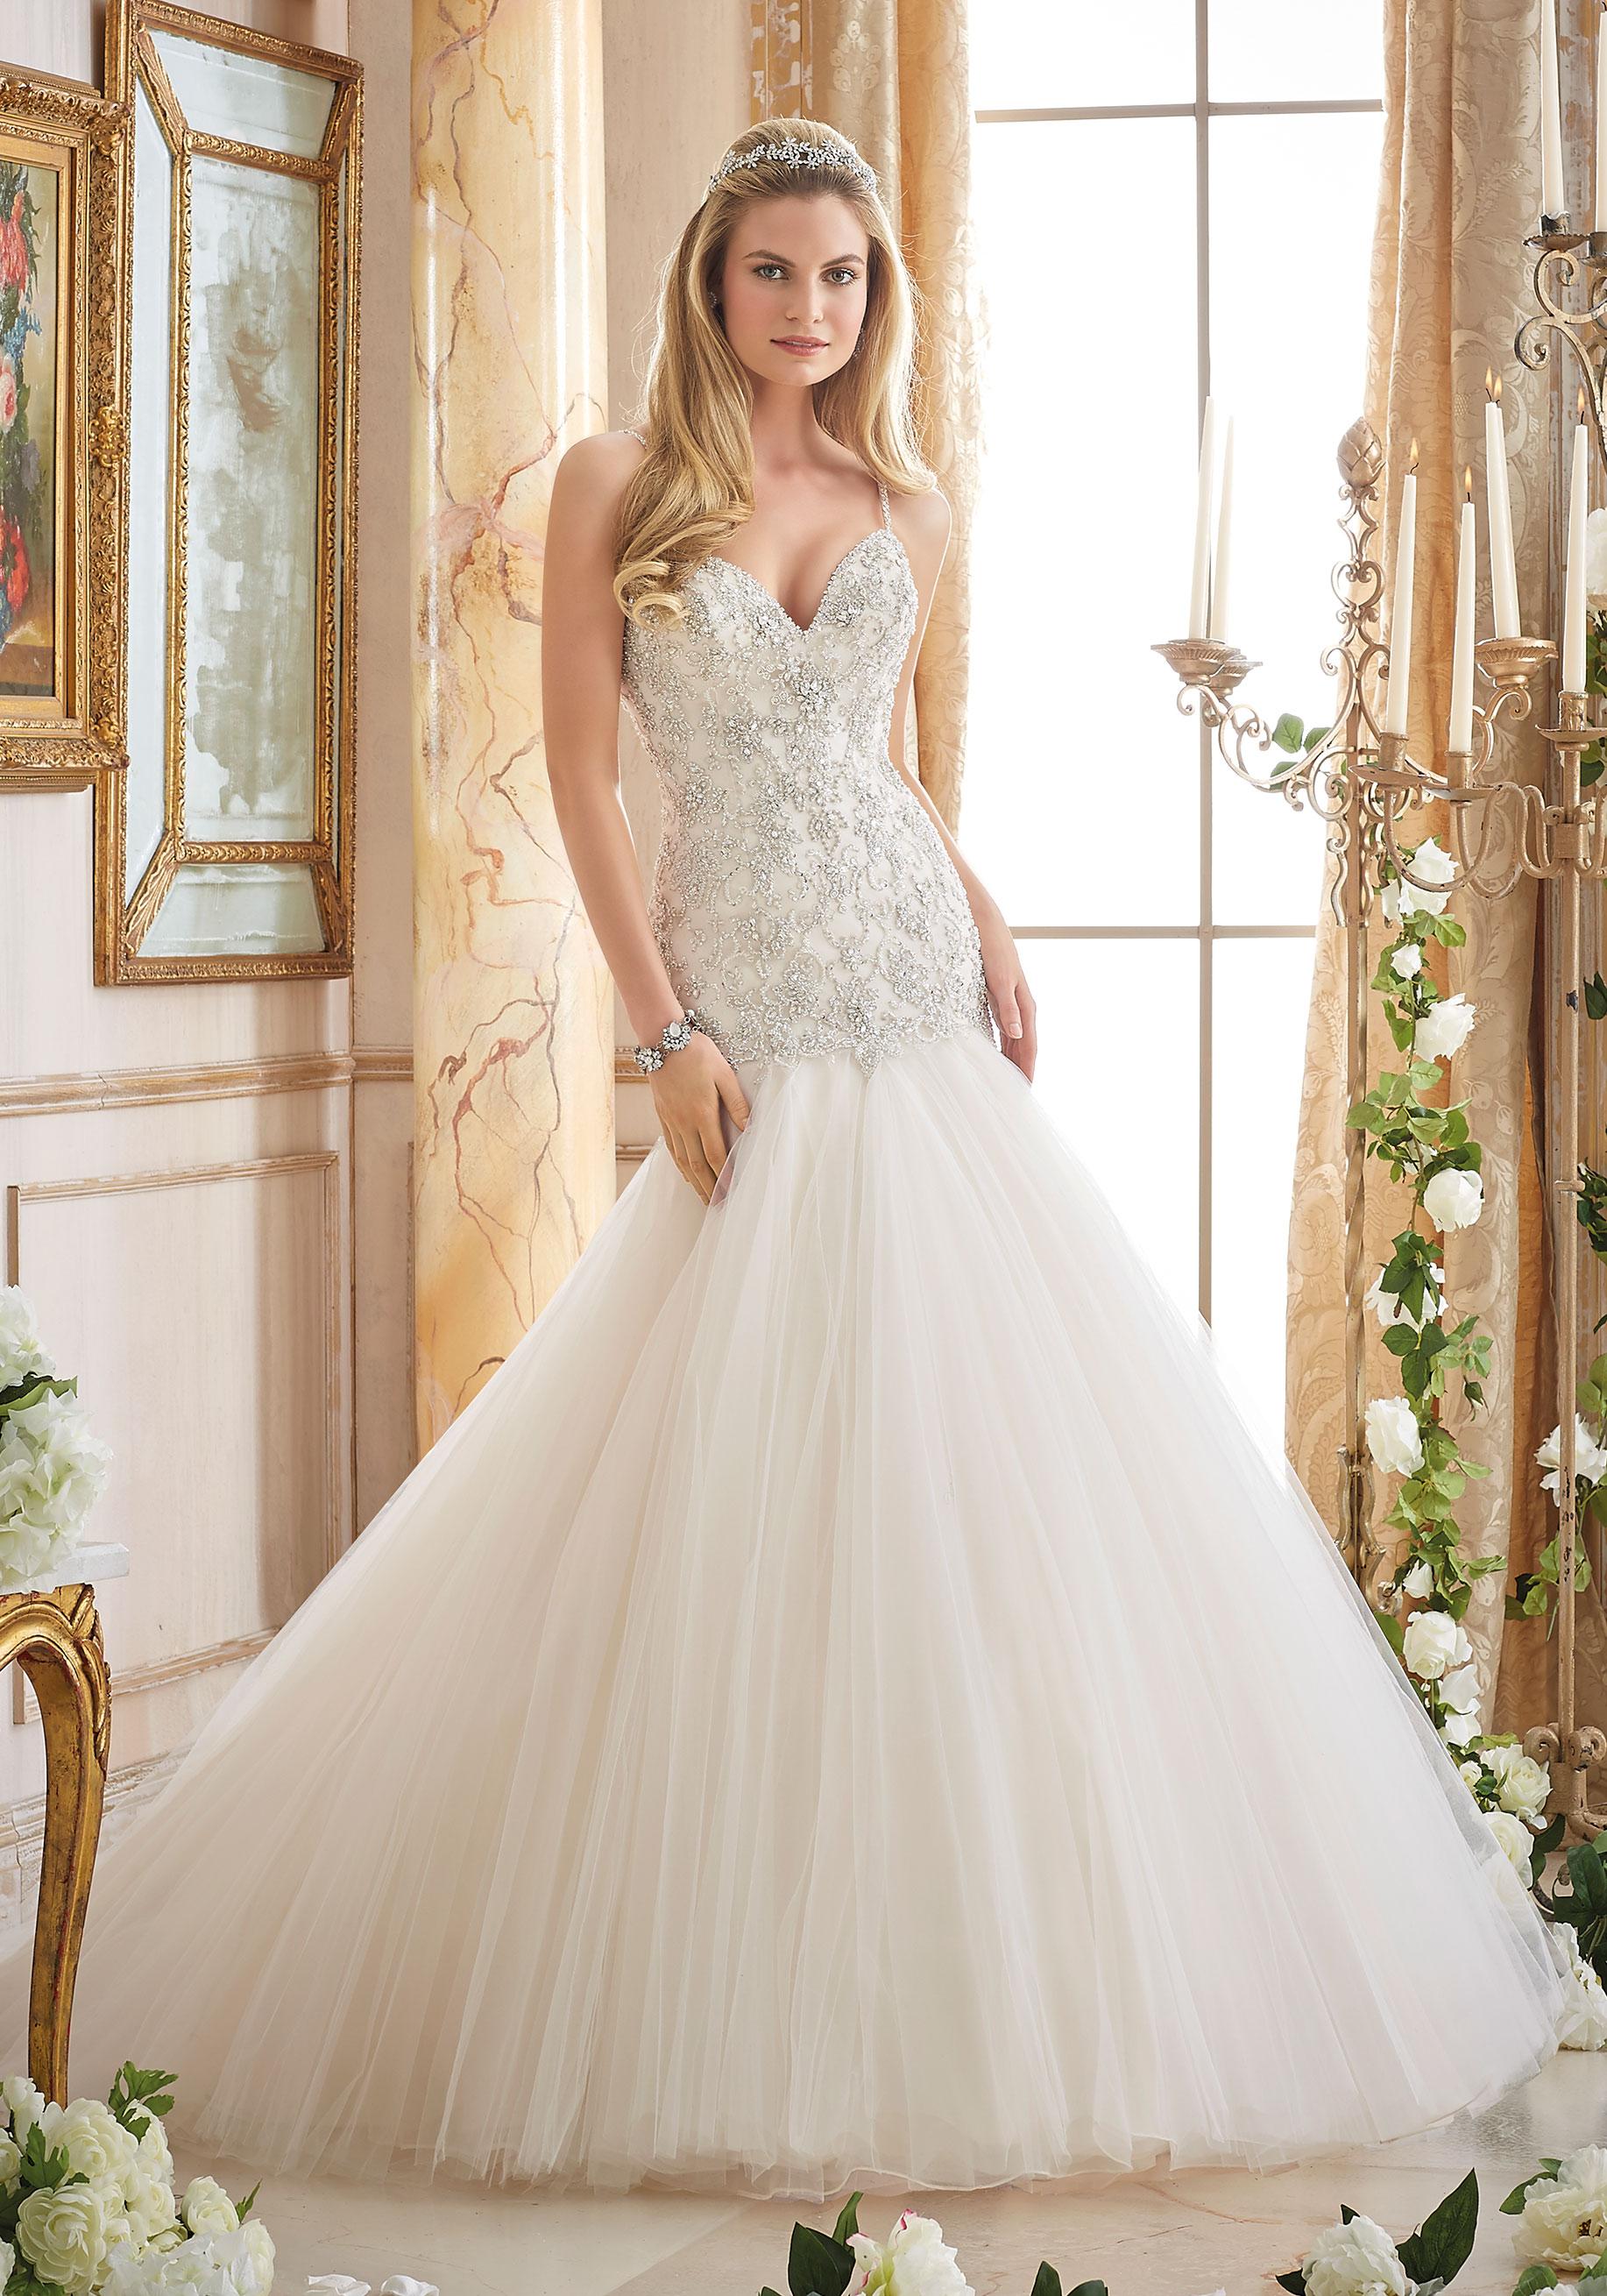 plus size wedding dresses mermaid style photo - 1